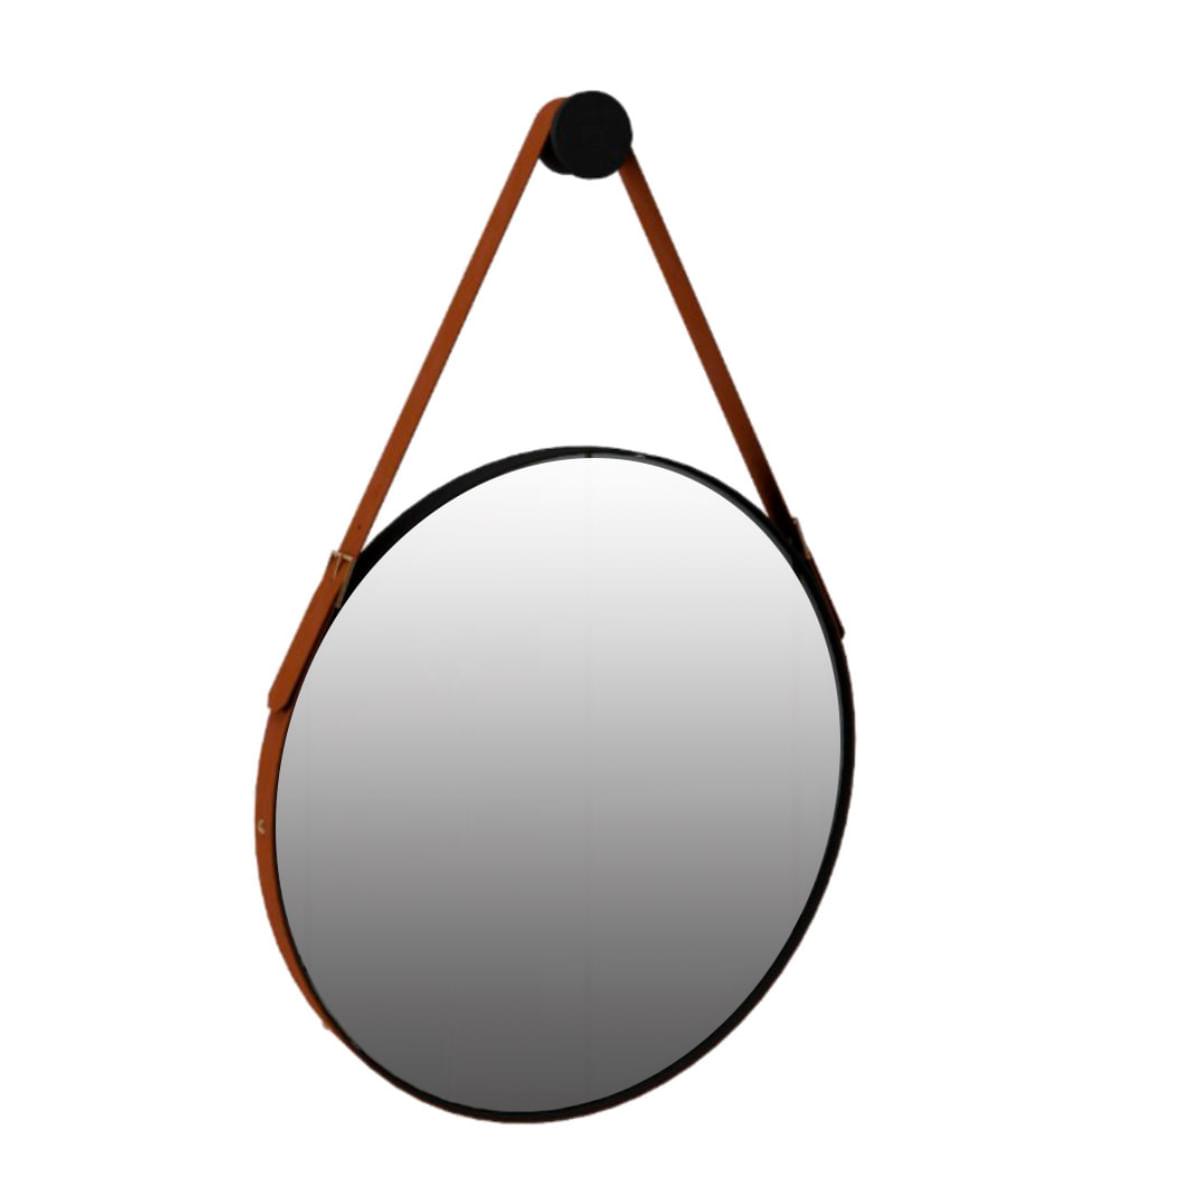 Espelho Redondo Decorativo Onix - Preto Fosco 60cm